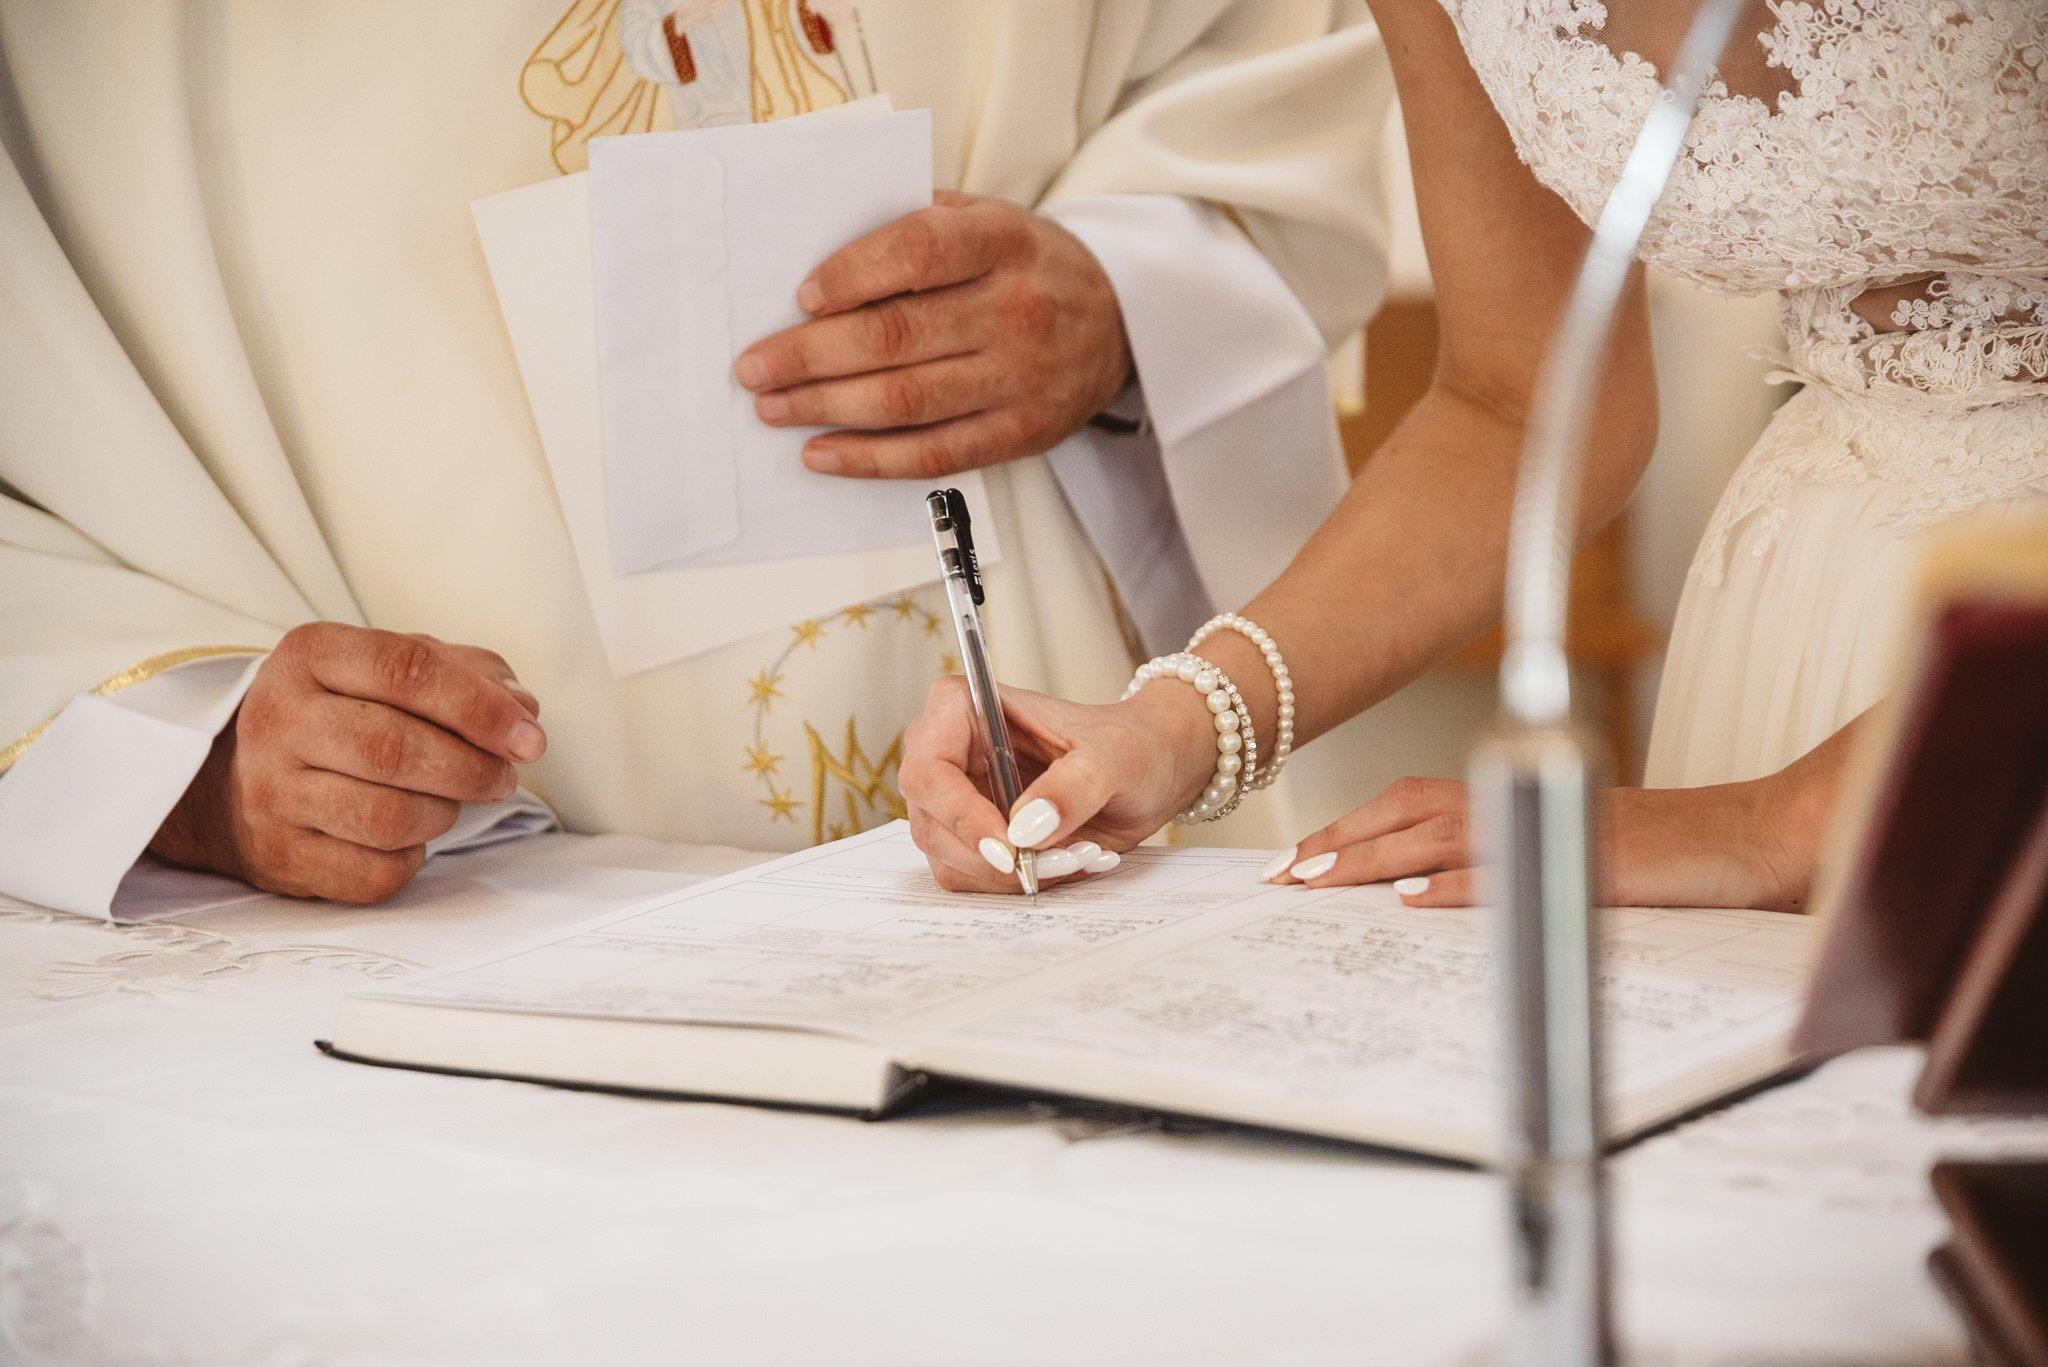 Ala i Arek, czyli jak zorganizować ślub i wesele w 4 tygodnie! 123